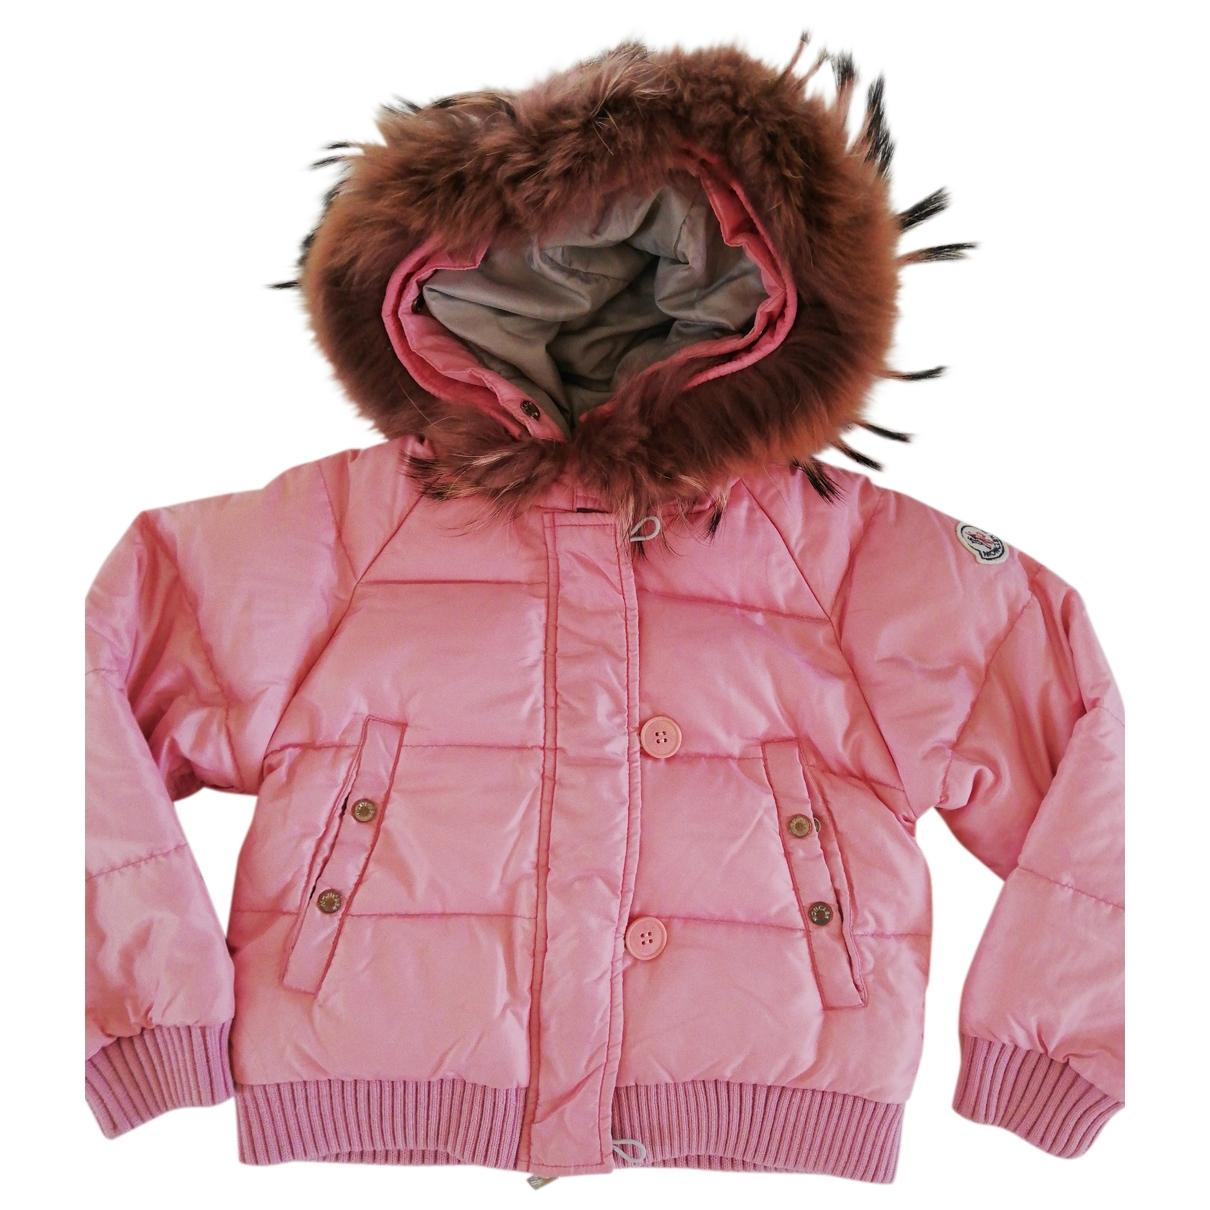 Moncler - Blousons.Manteaux Fur Hood pour enfant - rose